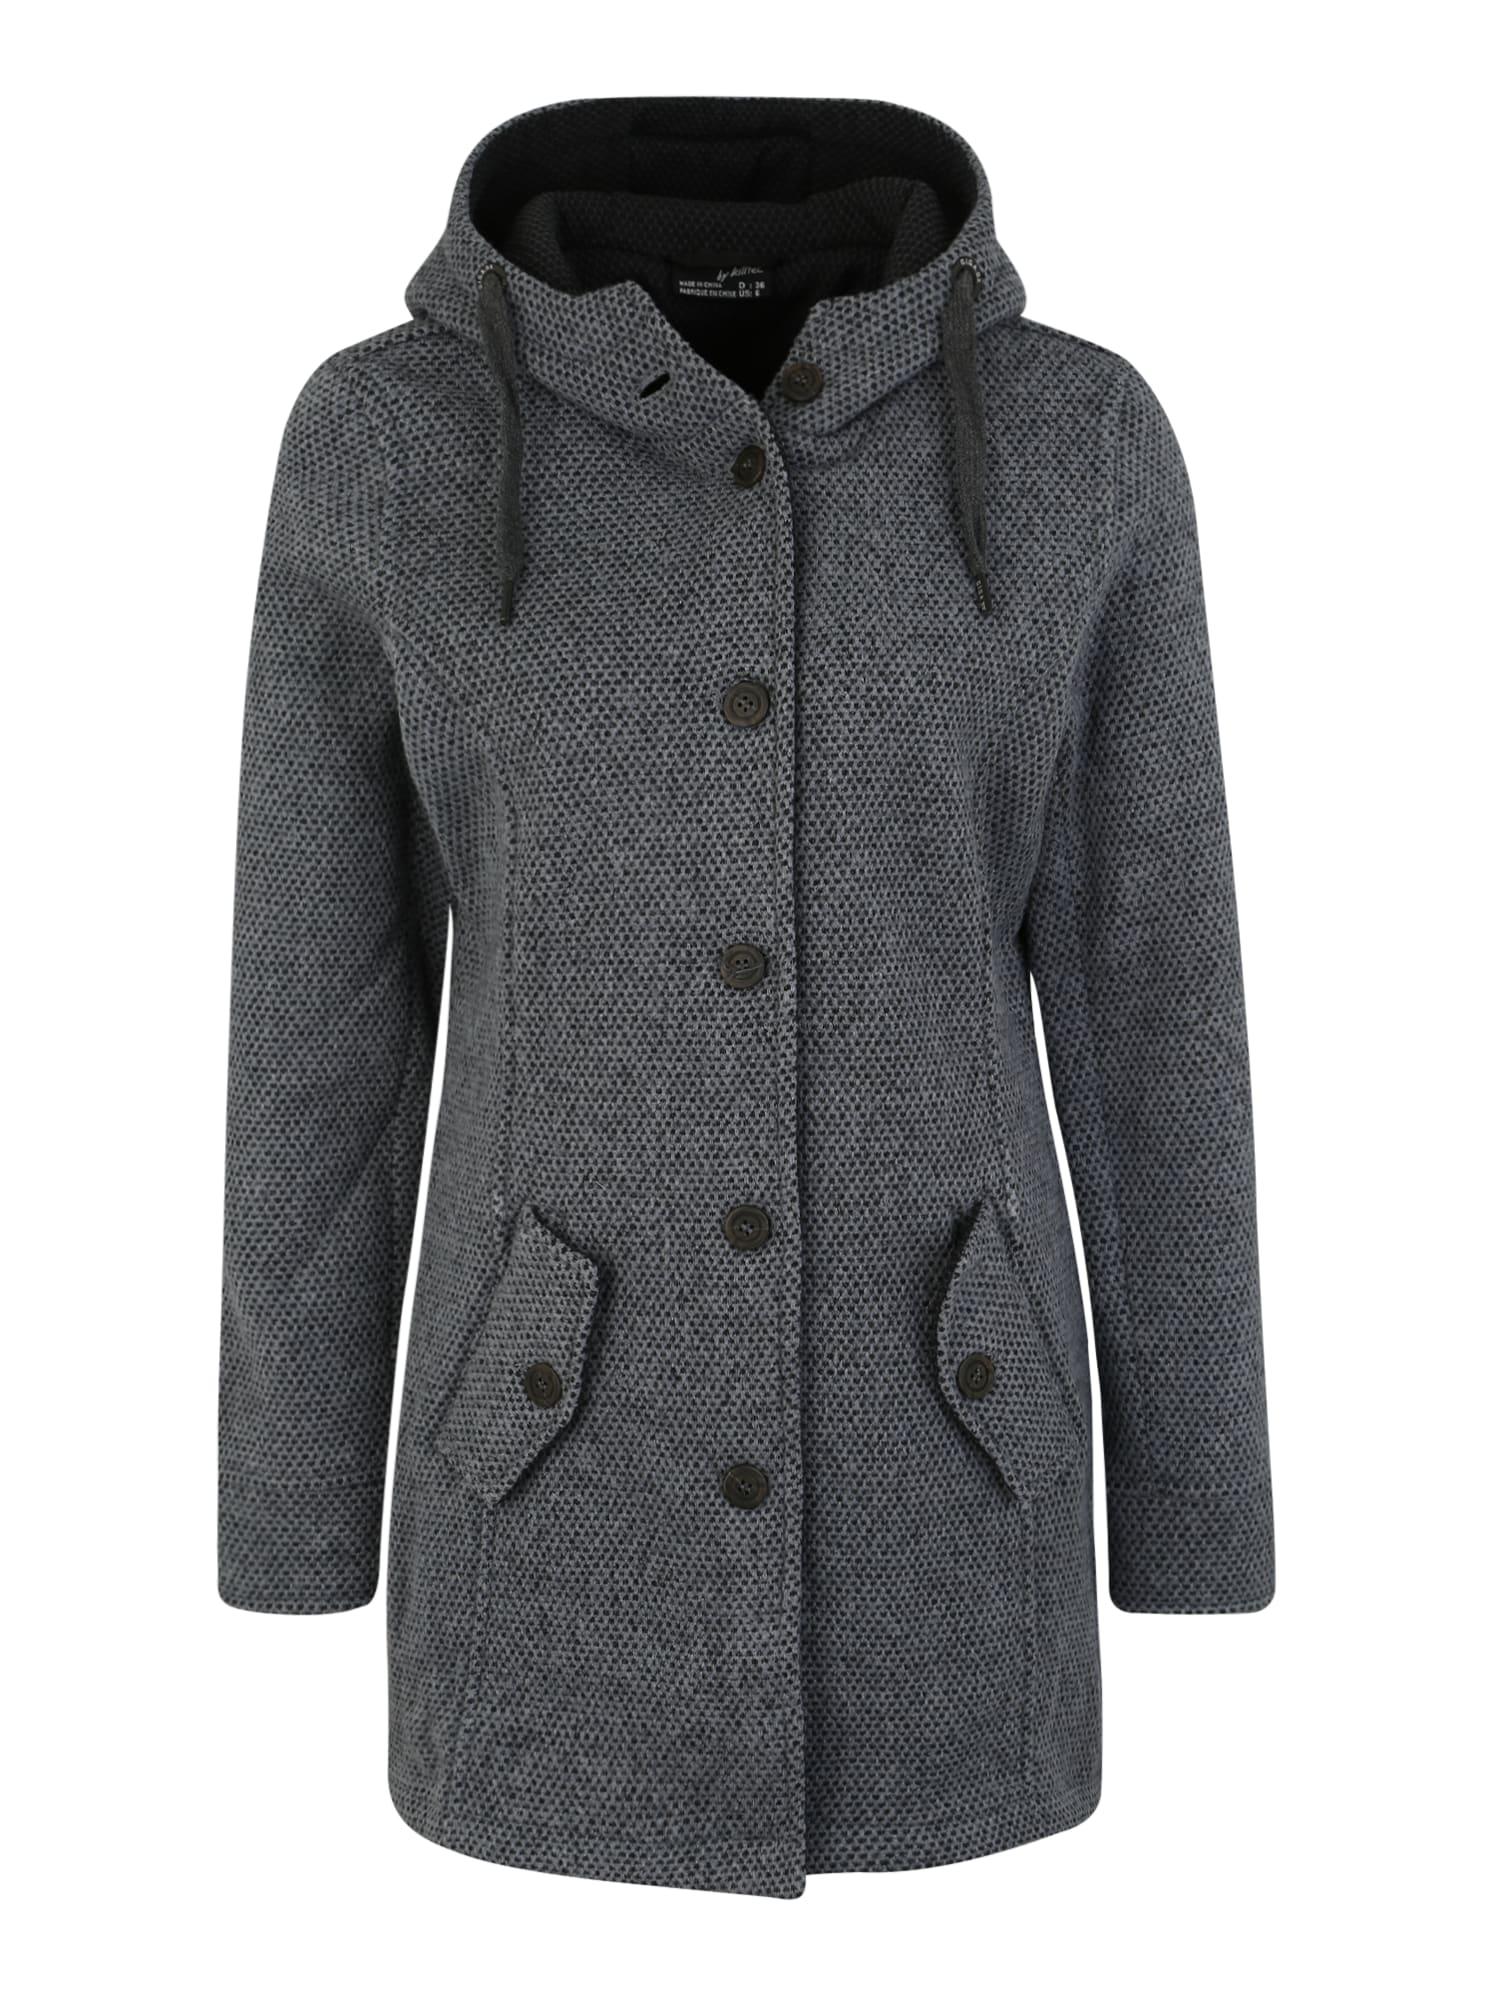 Outdoorový kabát Camidara šedá černá G.I.G.A. DX